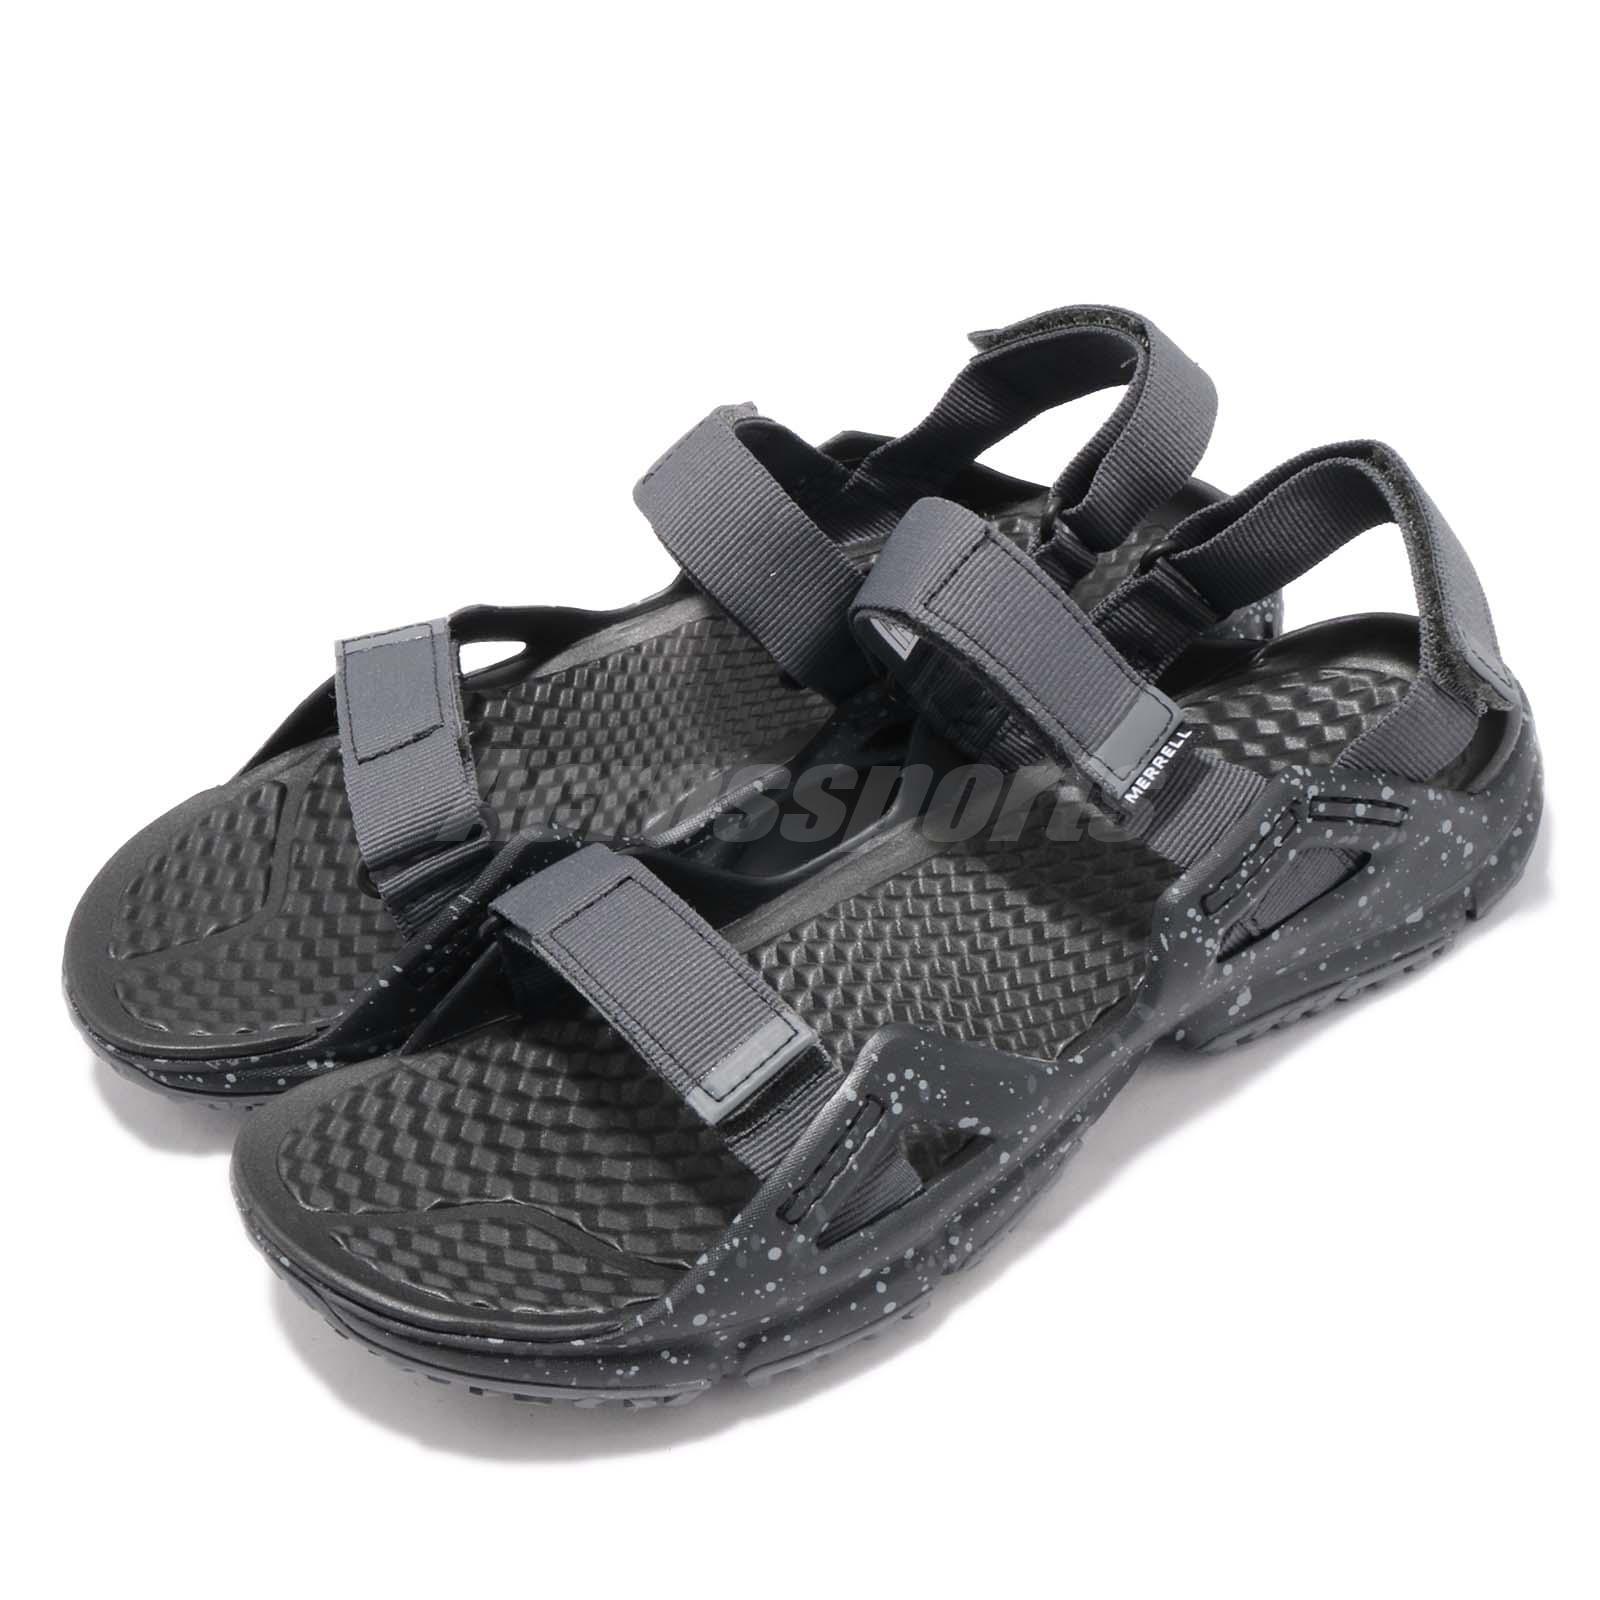 merrell hydrotrekker sandals nz